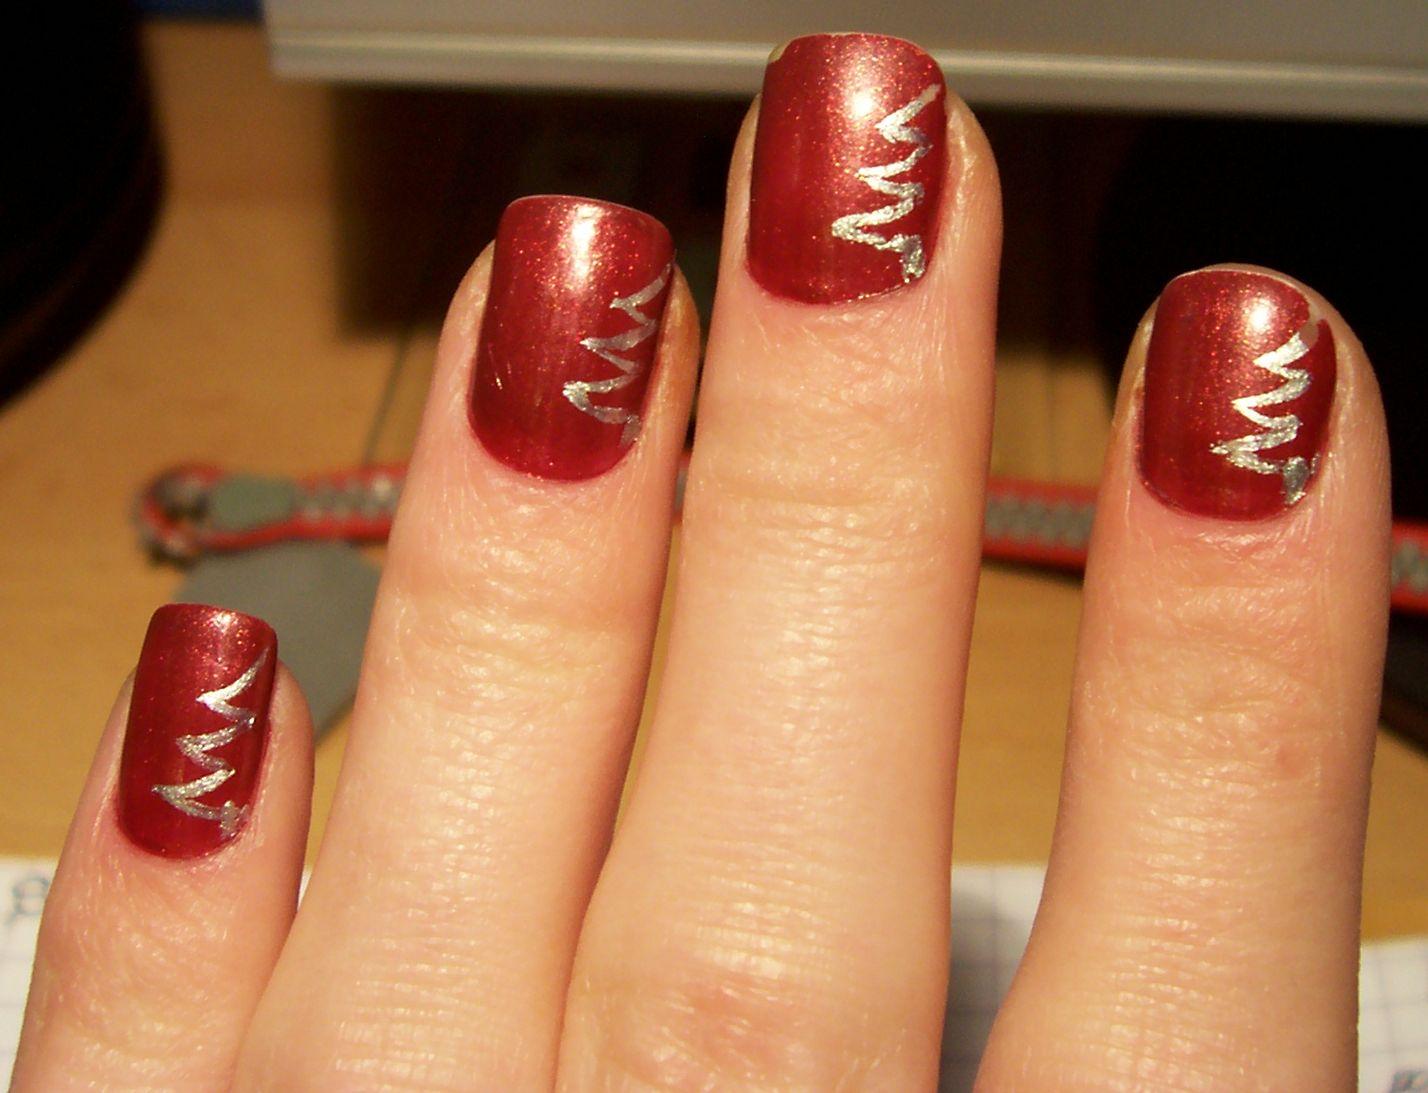 Feminine World By Sss świąteczny Manicure Czyli Paznokcie W Choinki